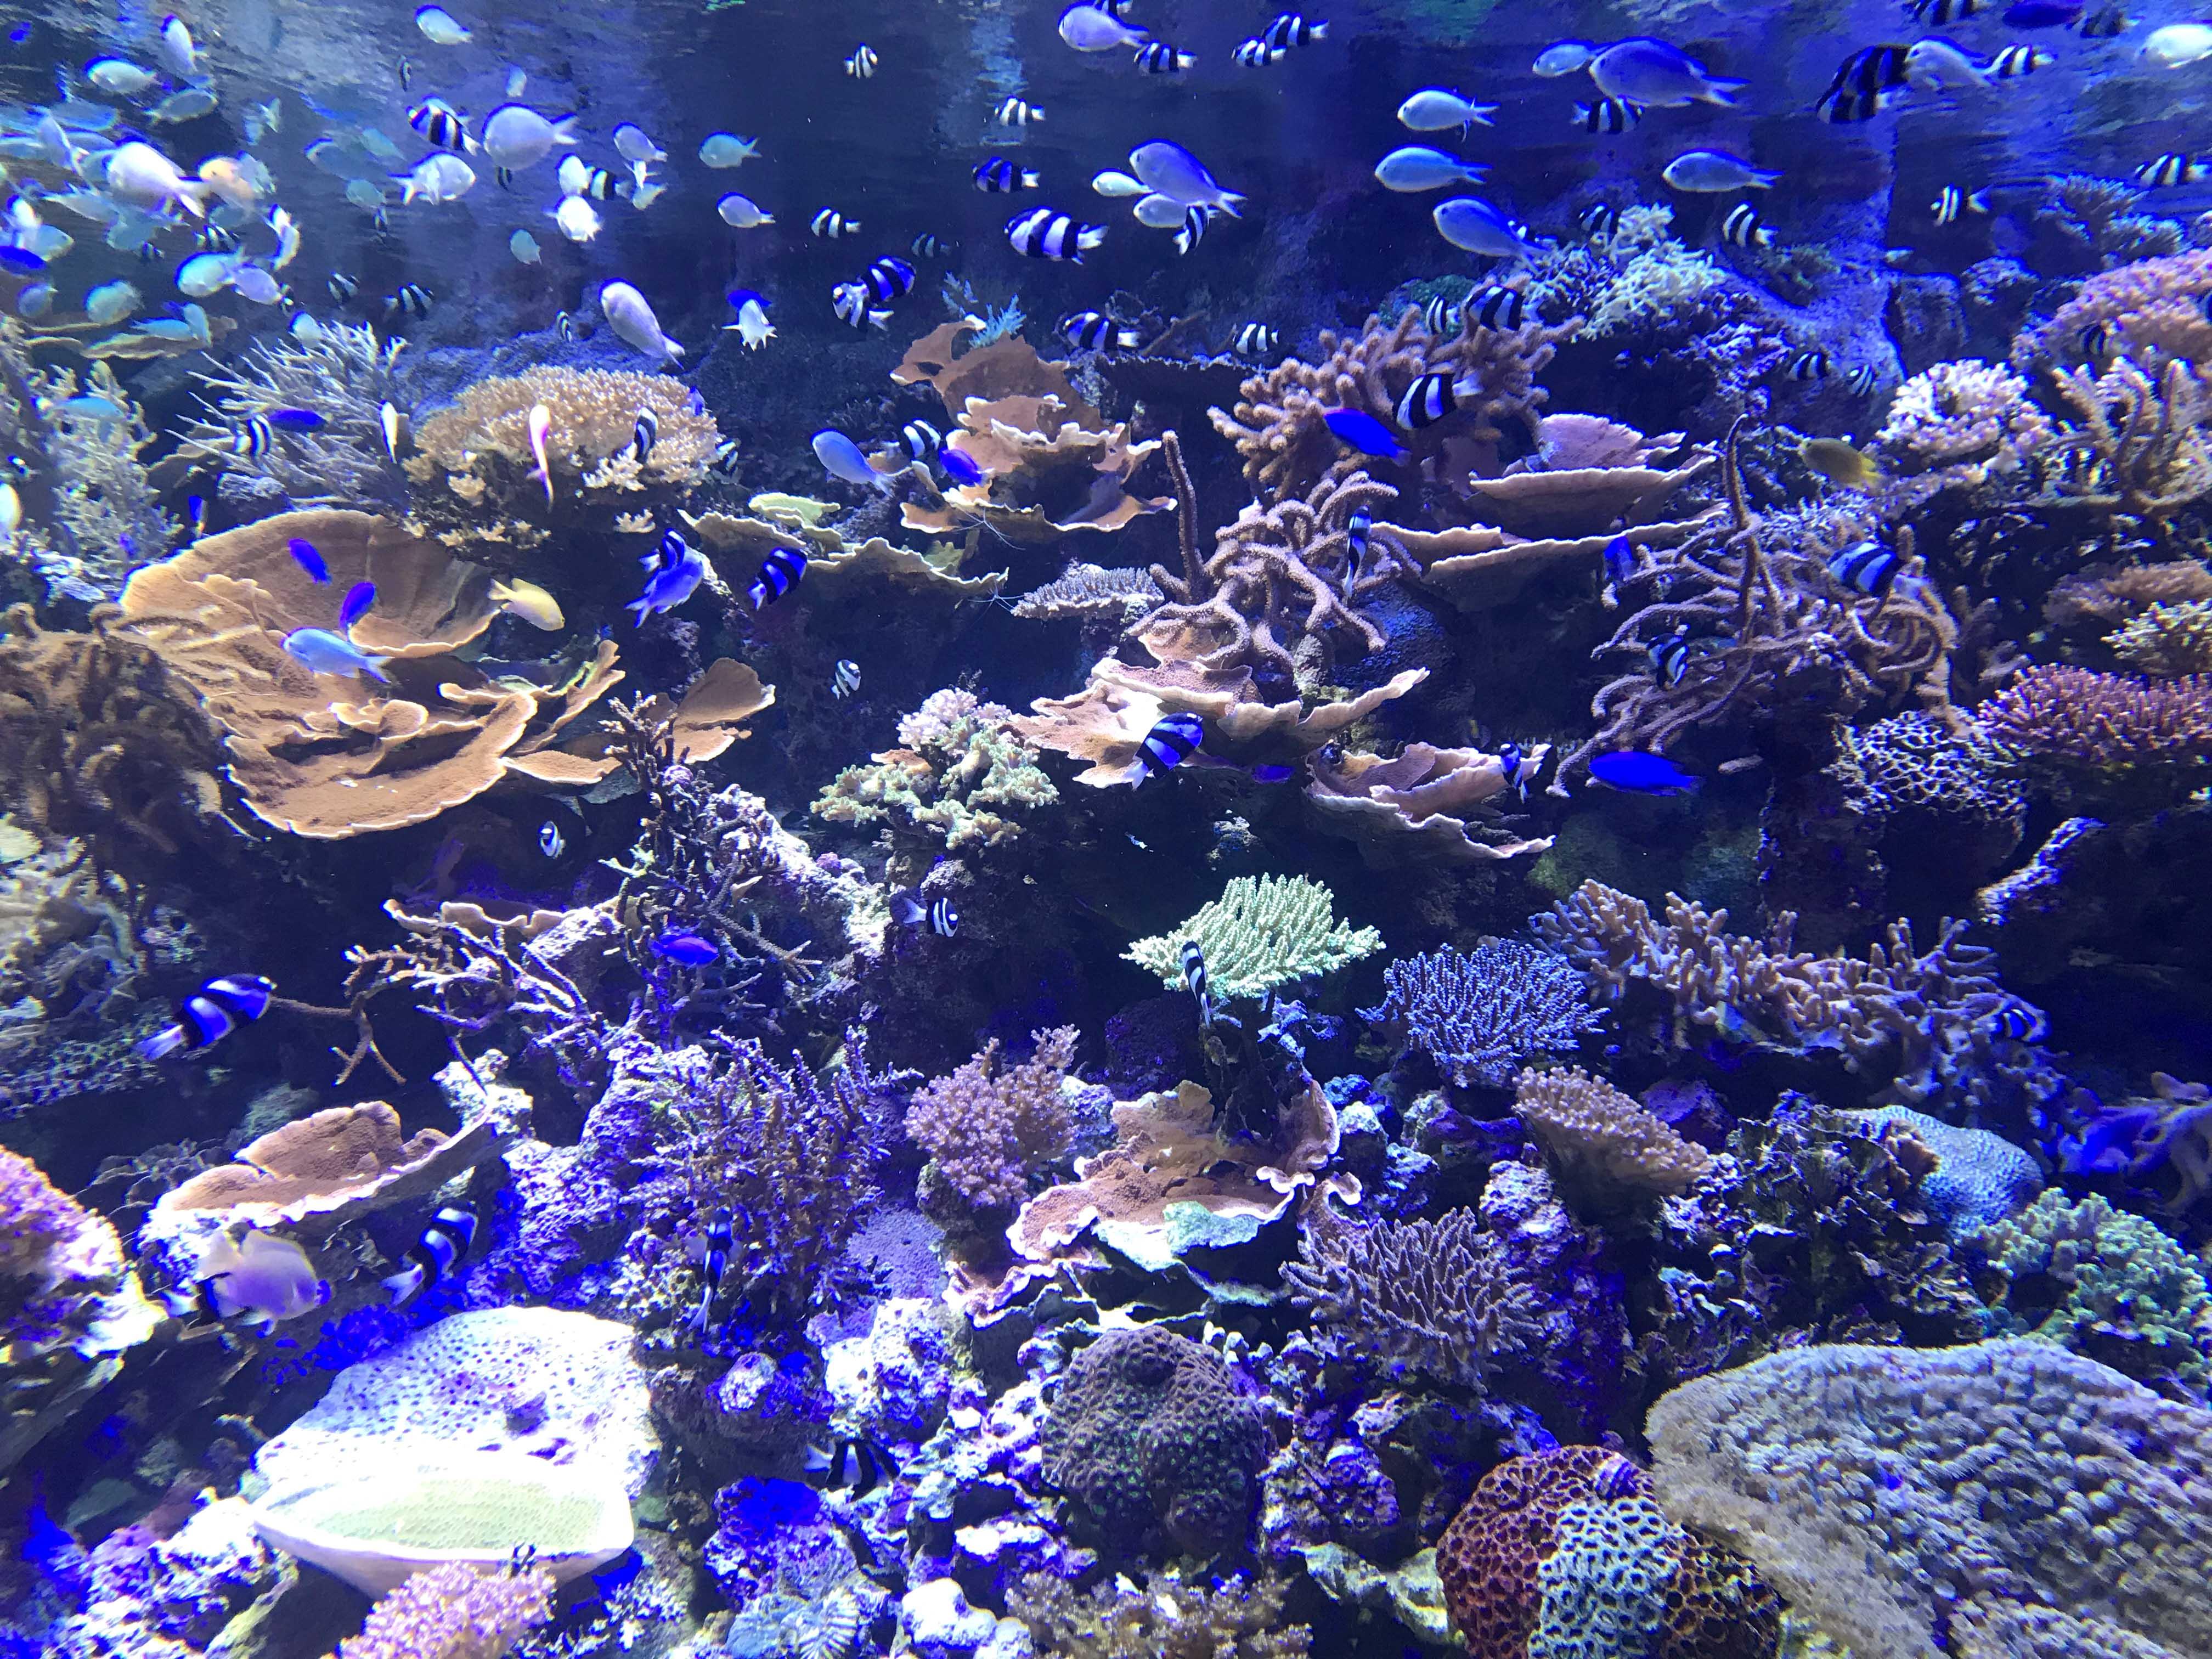 熱帯魚と本物のサンゴ礁